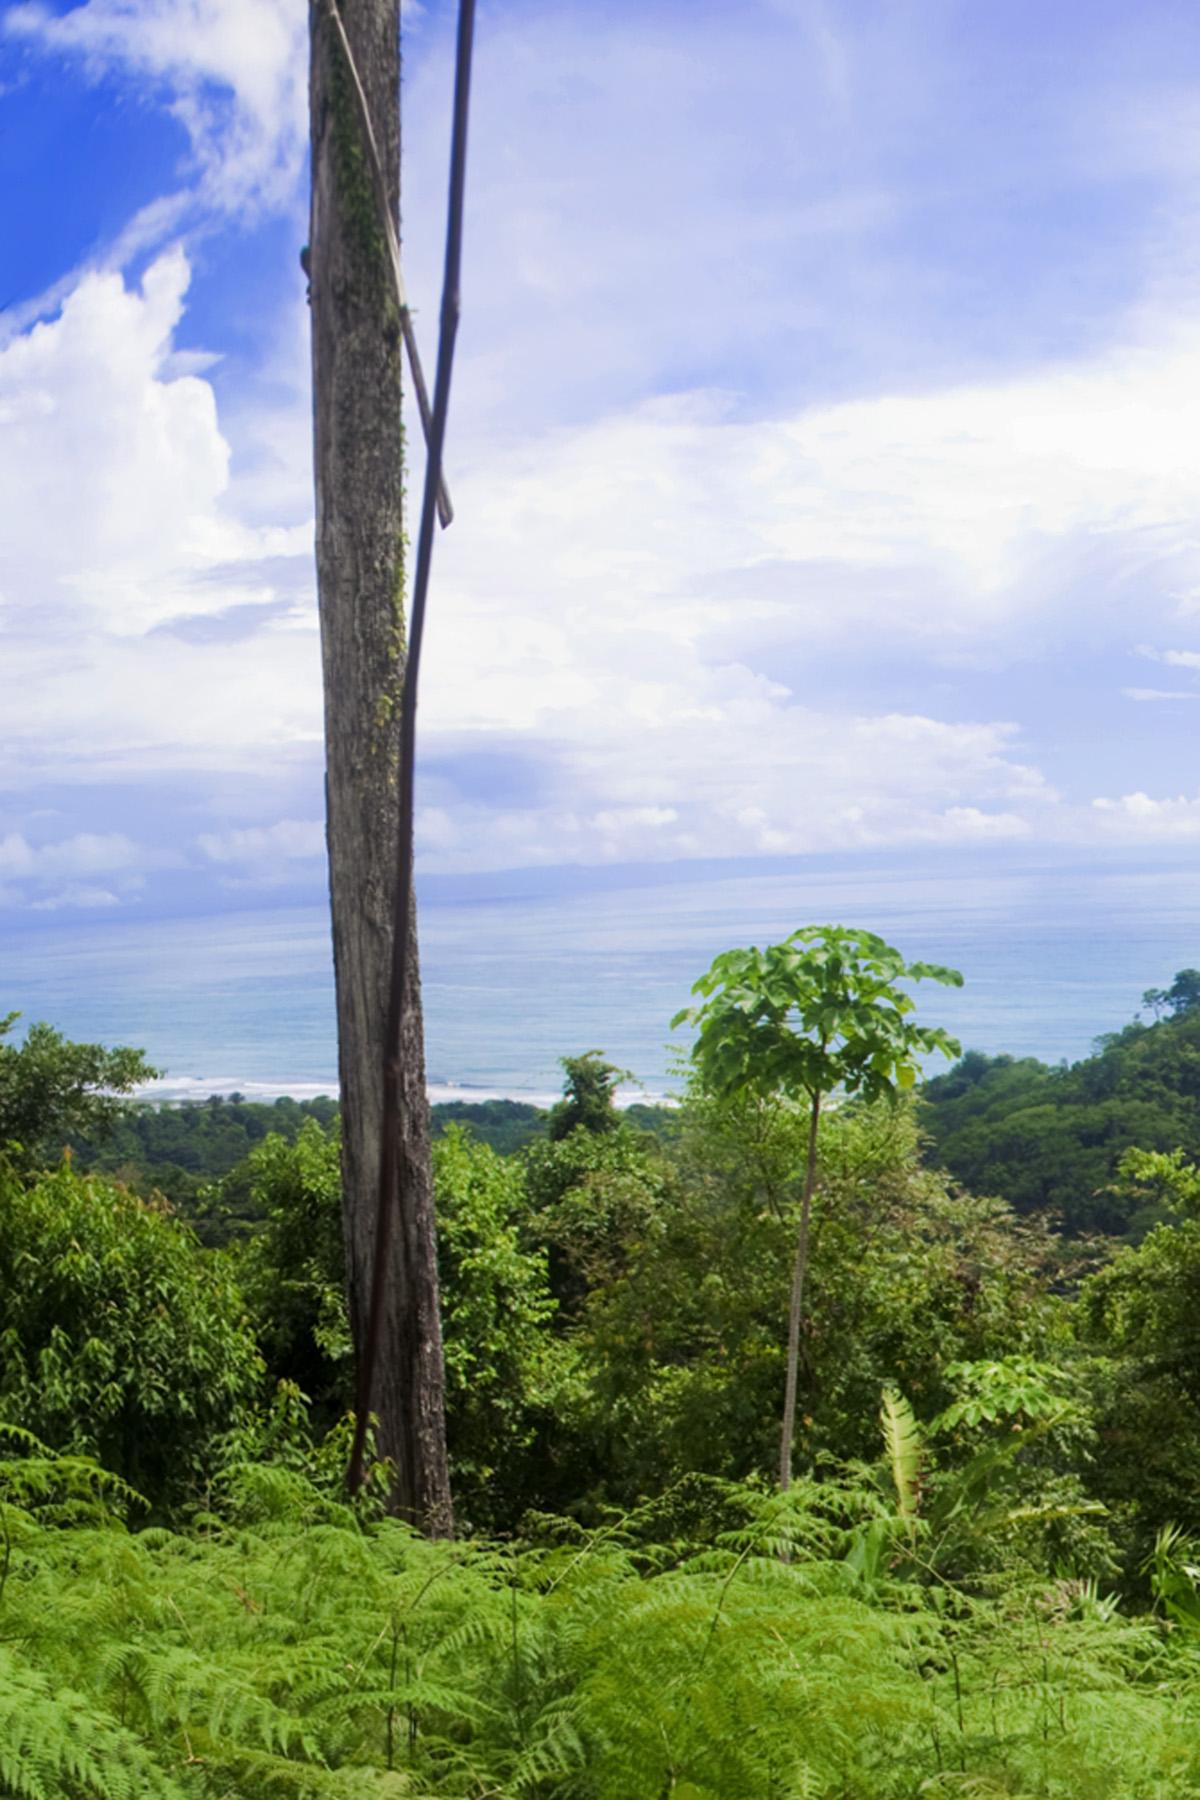 Vista 1 Crop.jpg